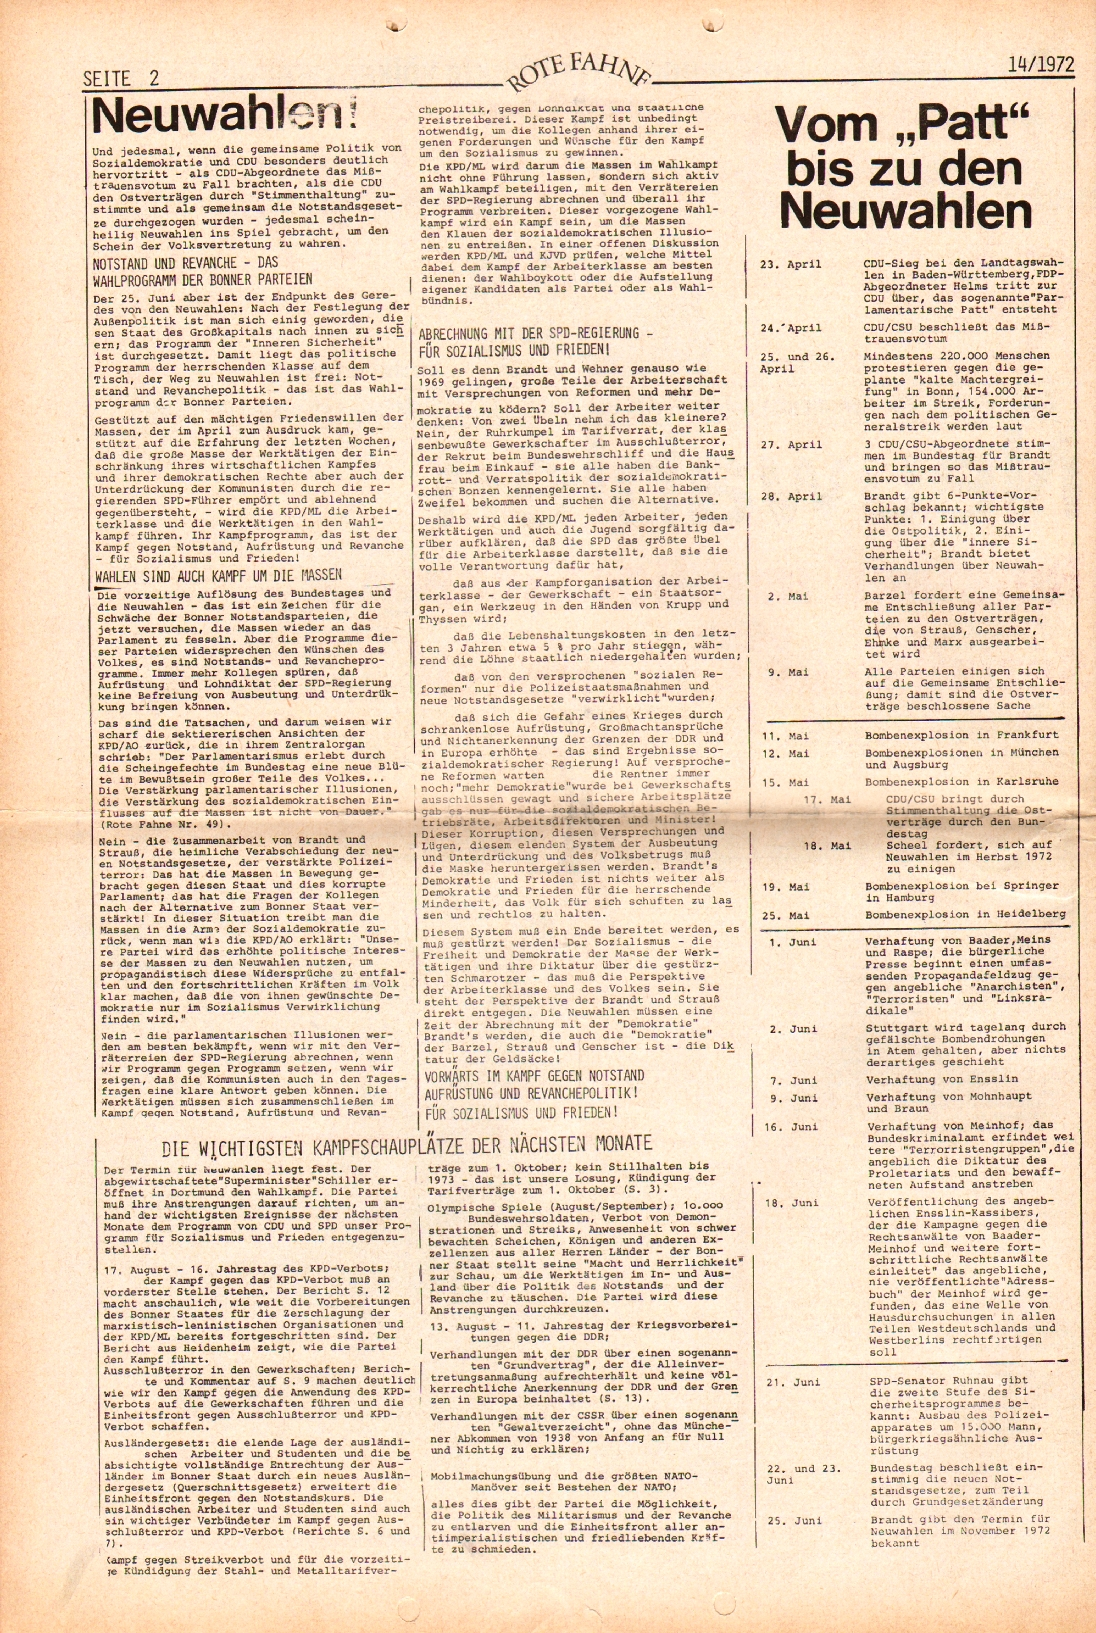 Rote Fahne, 3. Jg., 10.7.1972, Nr. 14, Seite 2